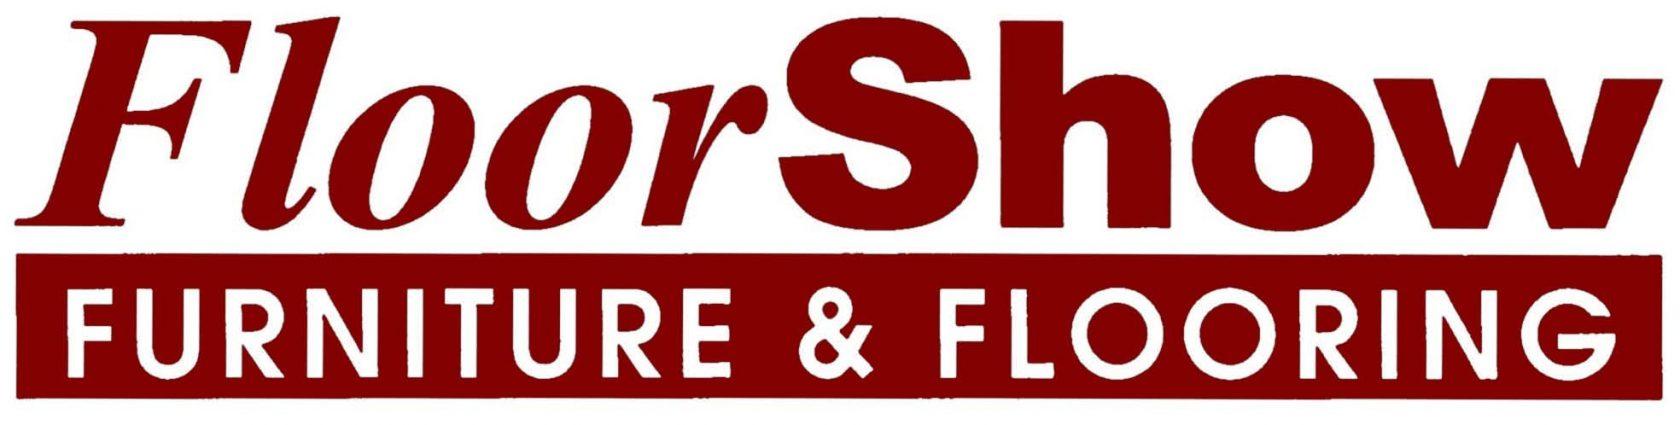 floor show color logo